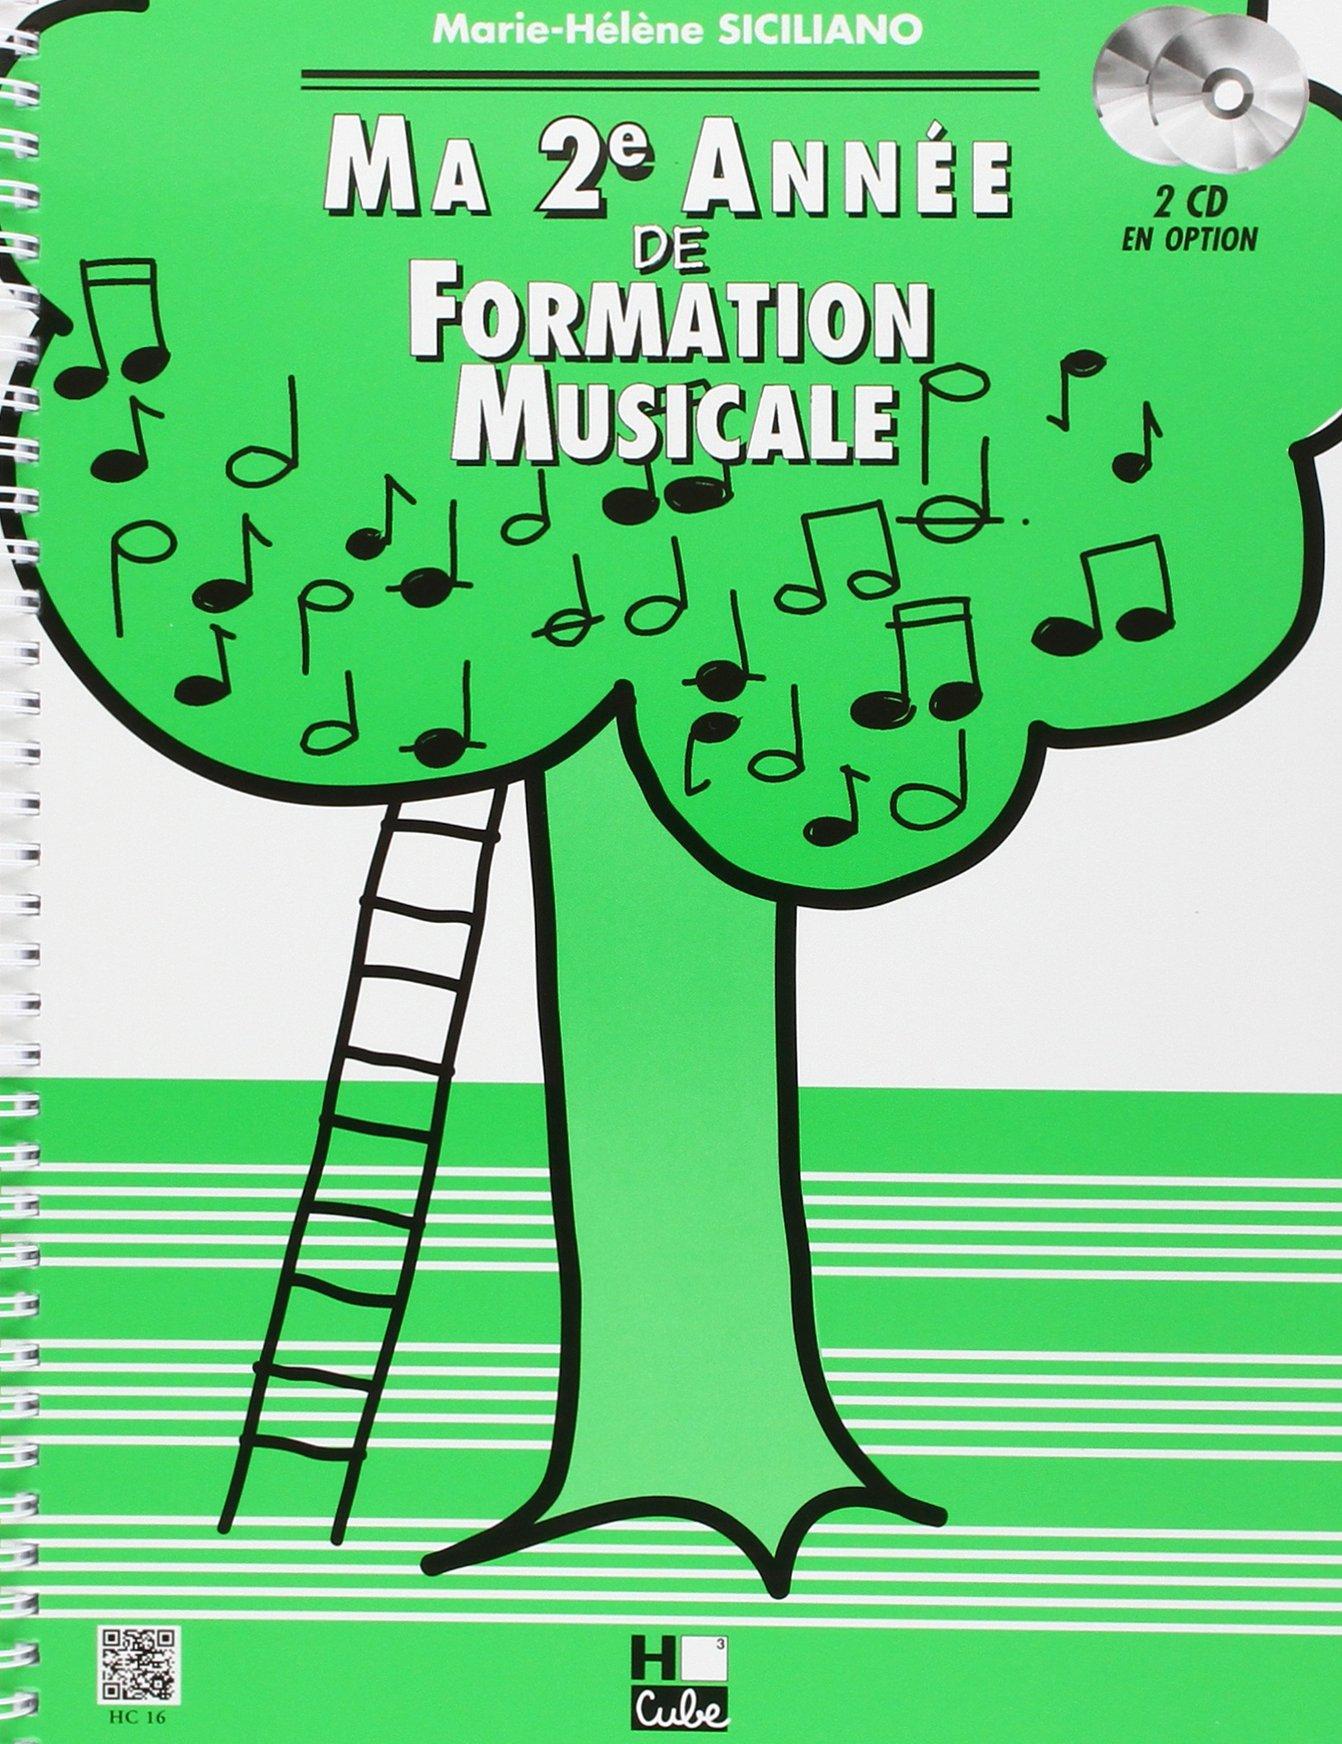 Ma 2ème année de formation musicale Partition – 19 septembre 1995 Marie-Hélène Siciliano H Cube B001J2Z5B2 Musique